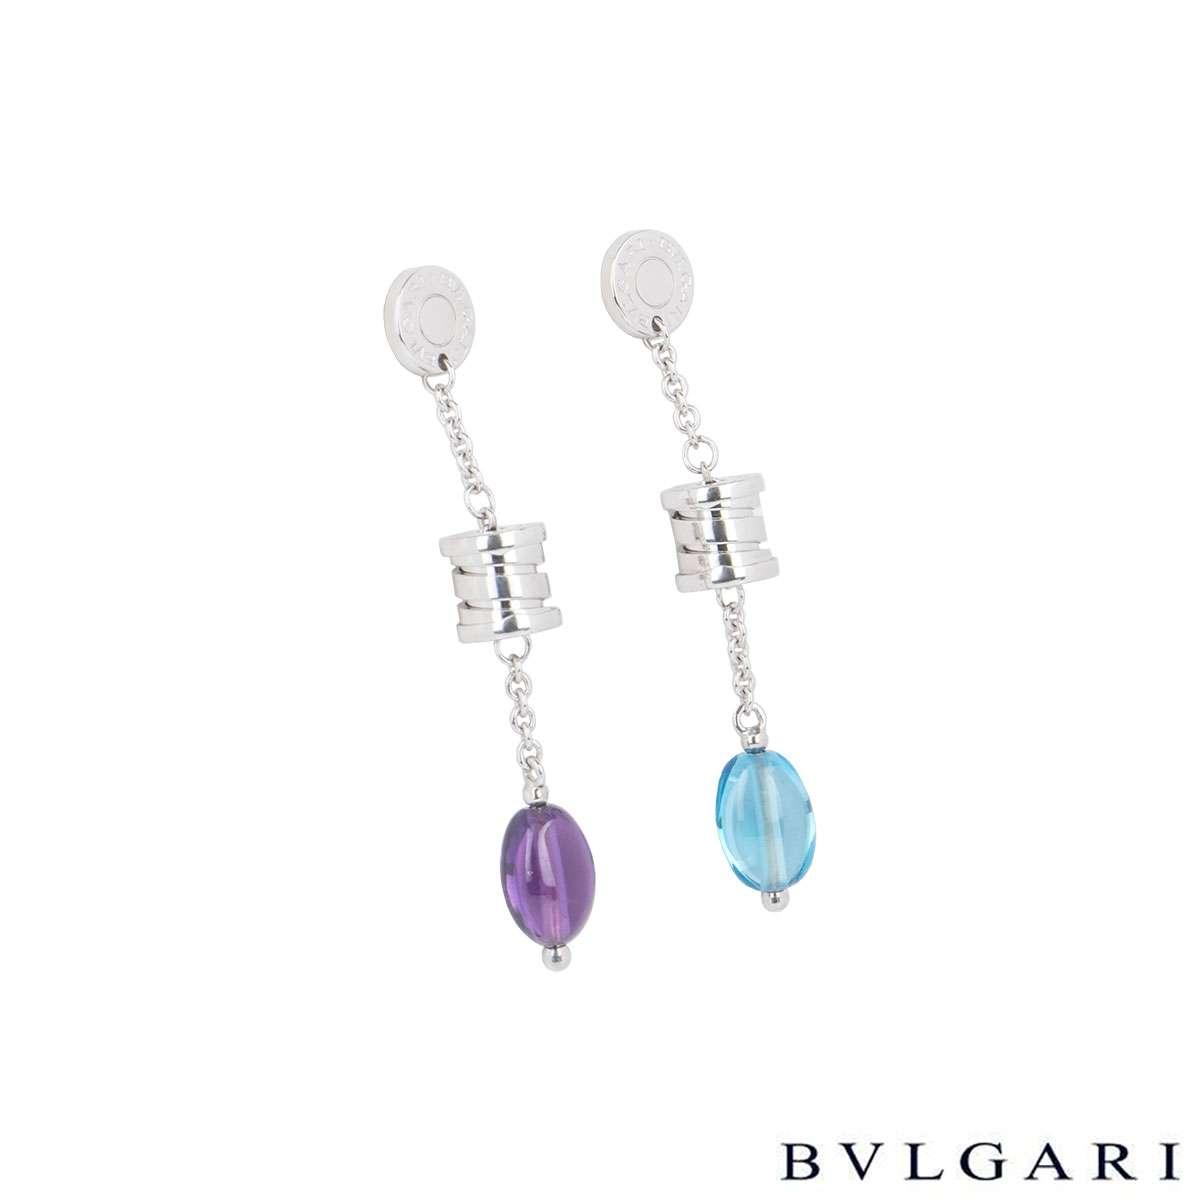 Bvlgari White Gold Amethyst And Topaz B.Zero1 Jewellery Suite